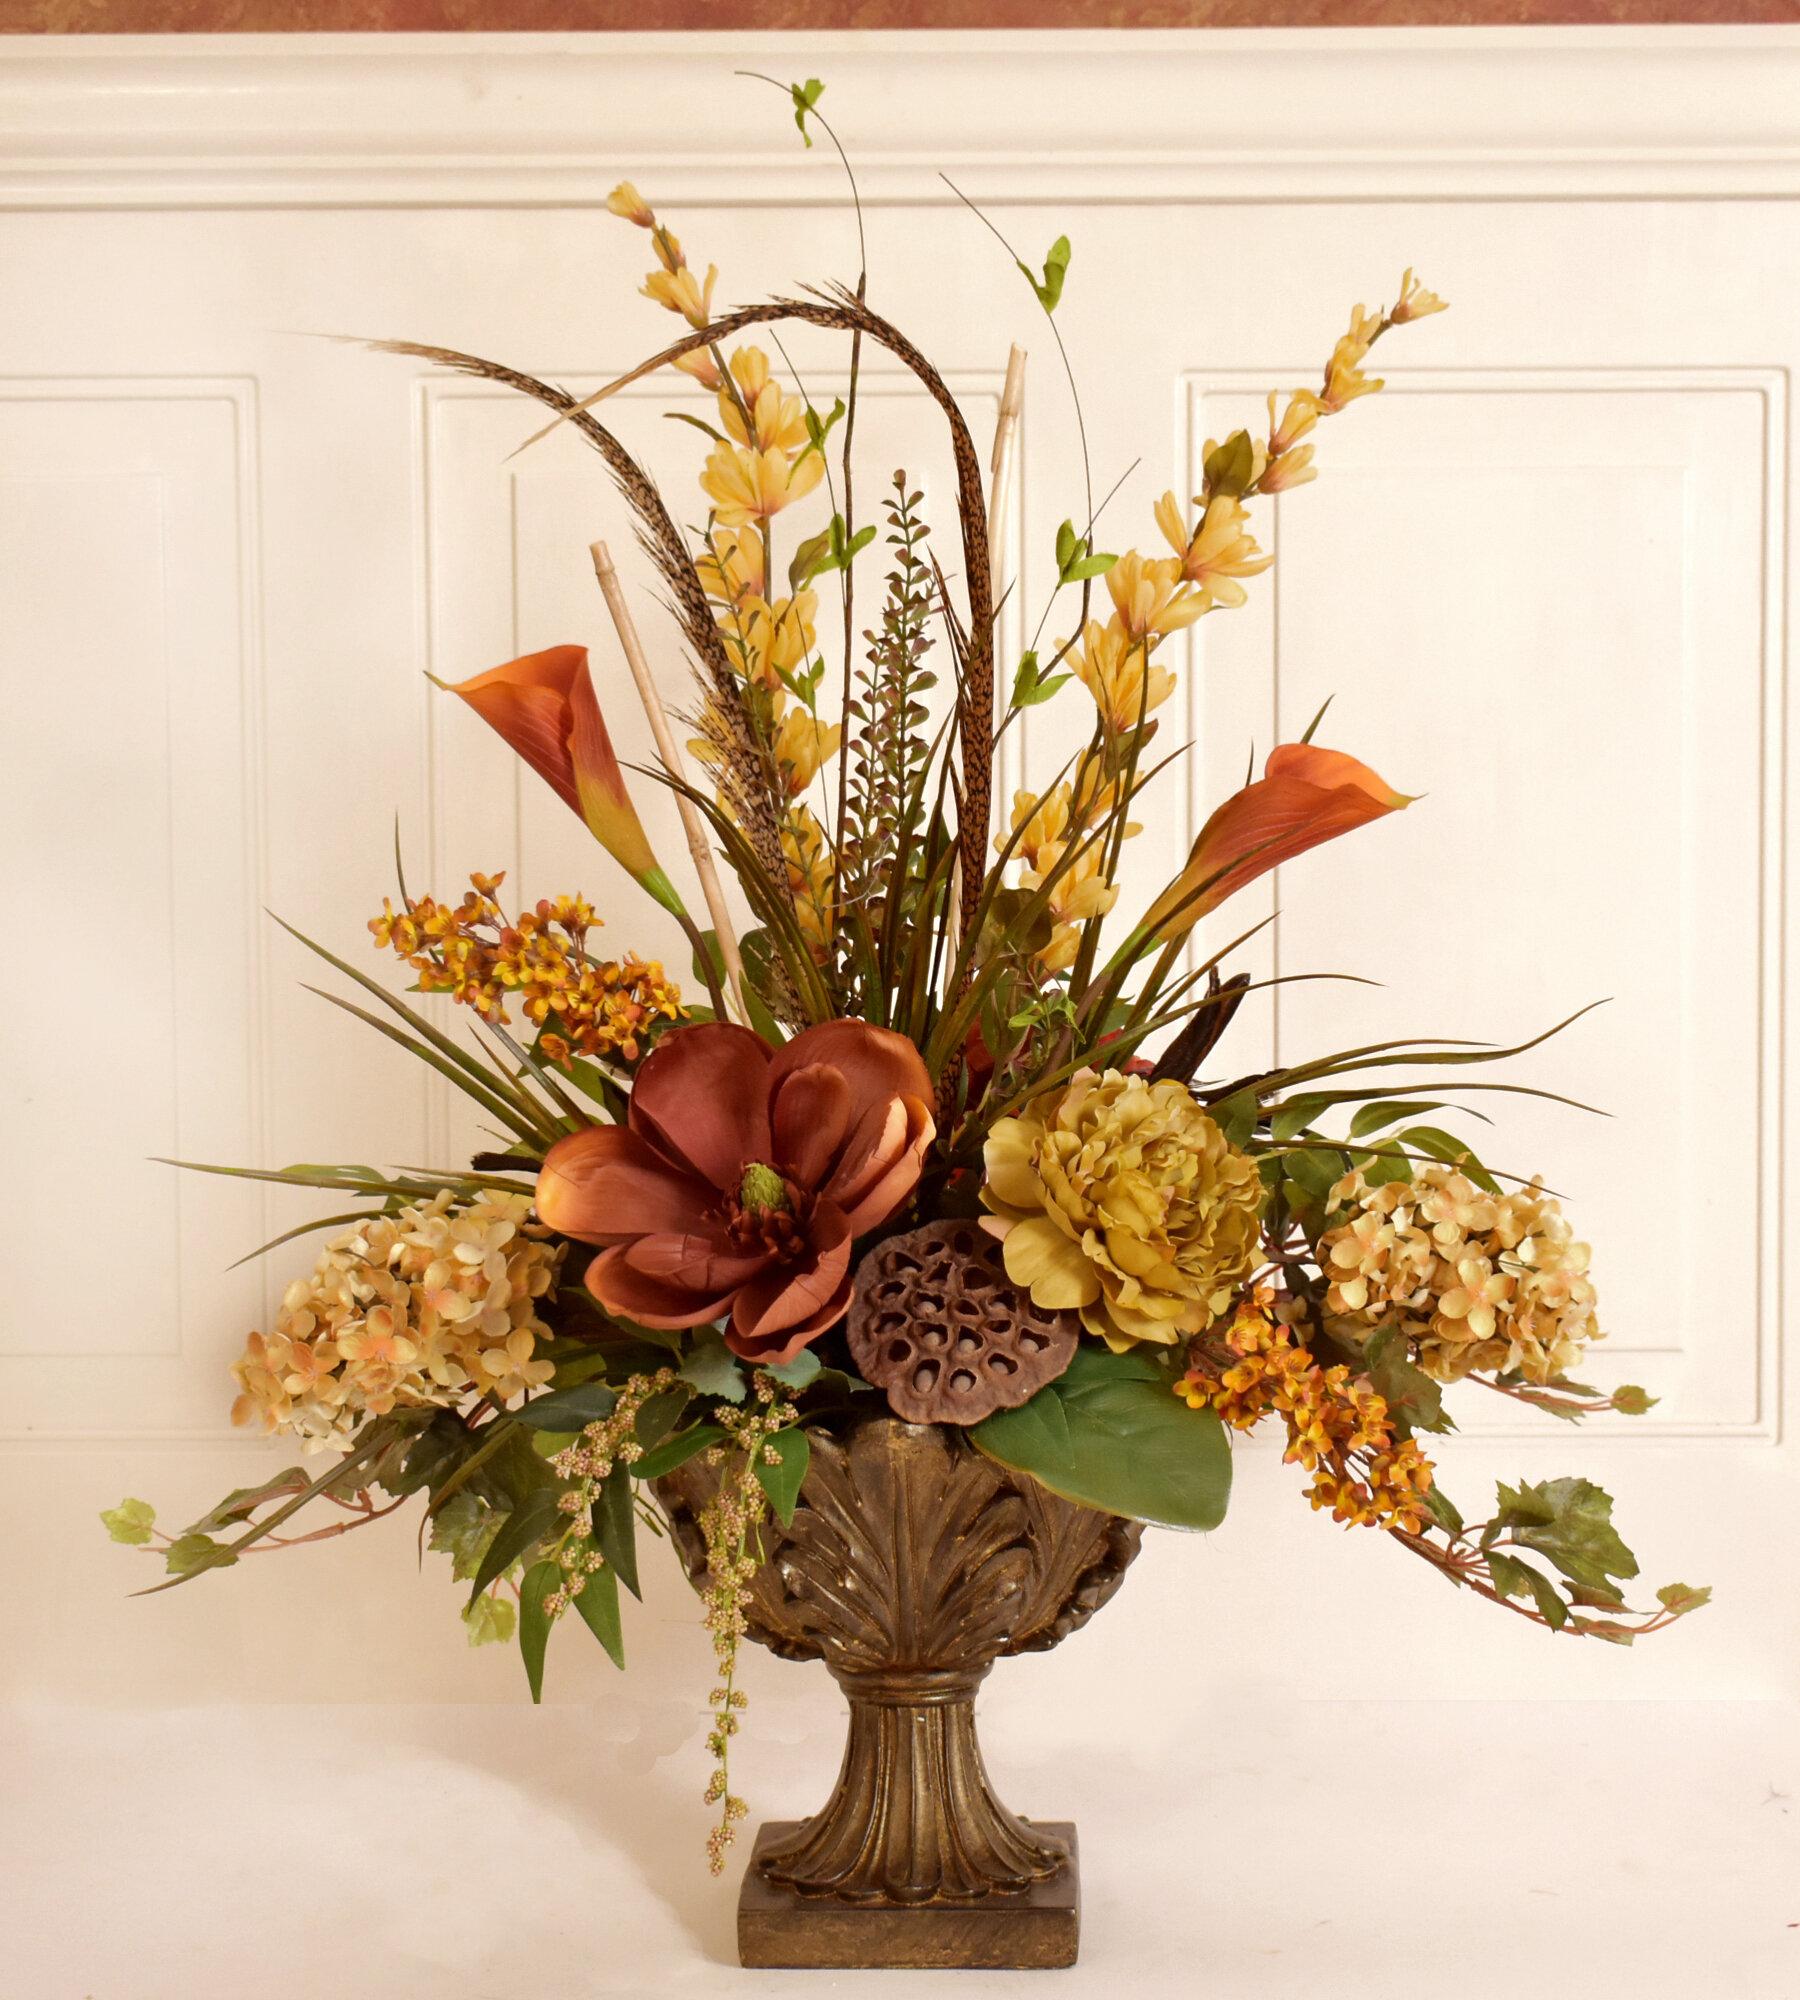 Fleur De Lis Living Silk Flower Floral Arrangement In Decorative